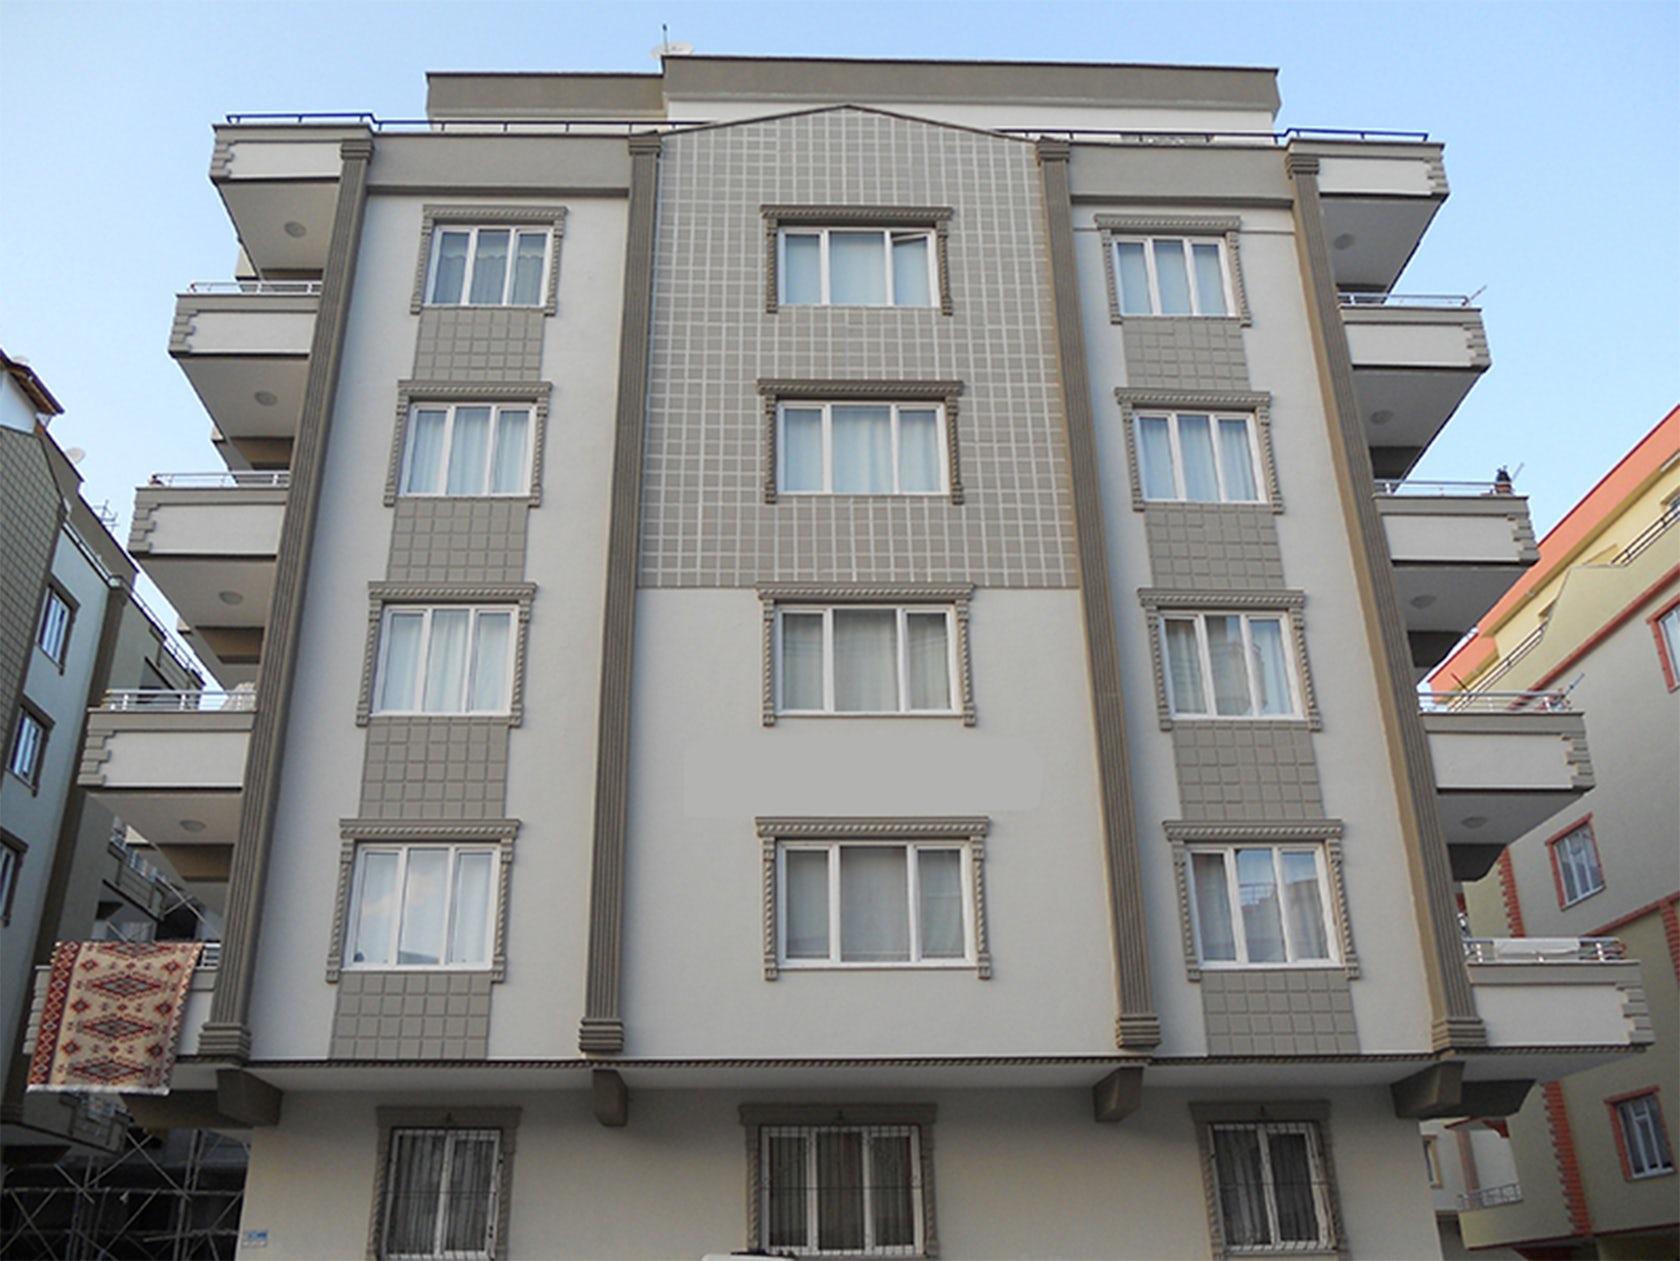 Sincity condominium courtesy studio di architettura for Studi di architettura